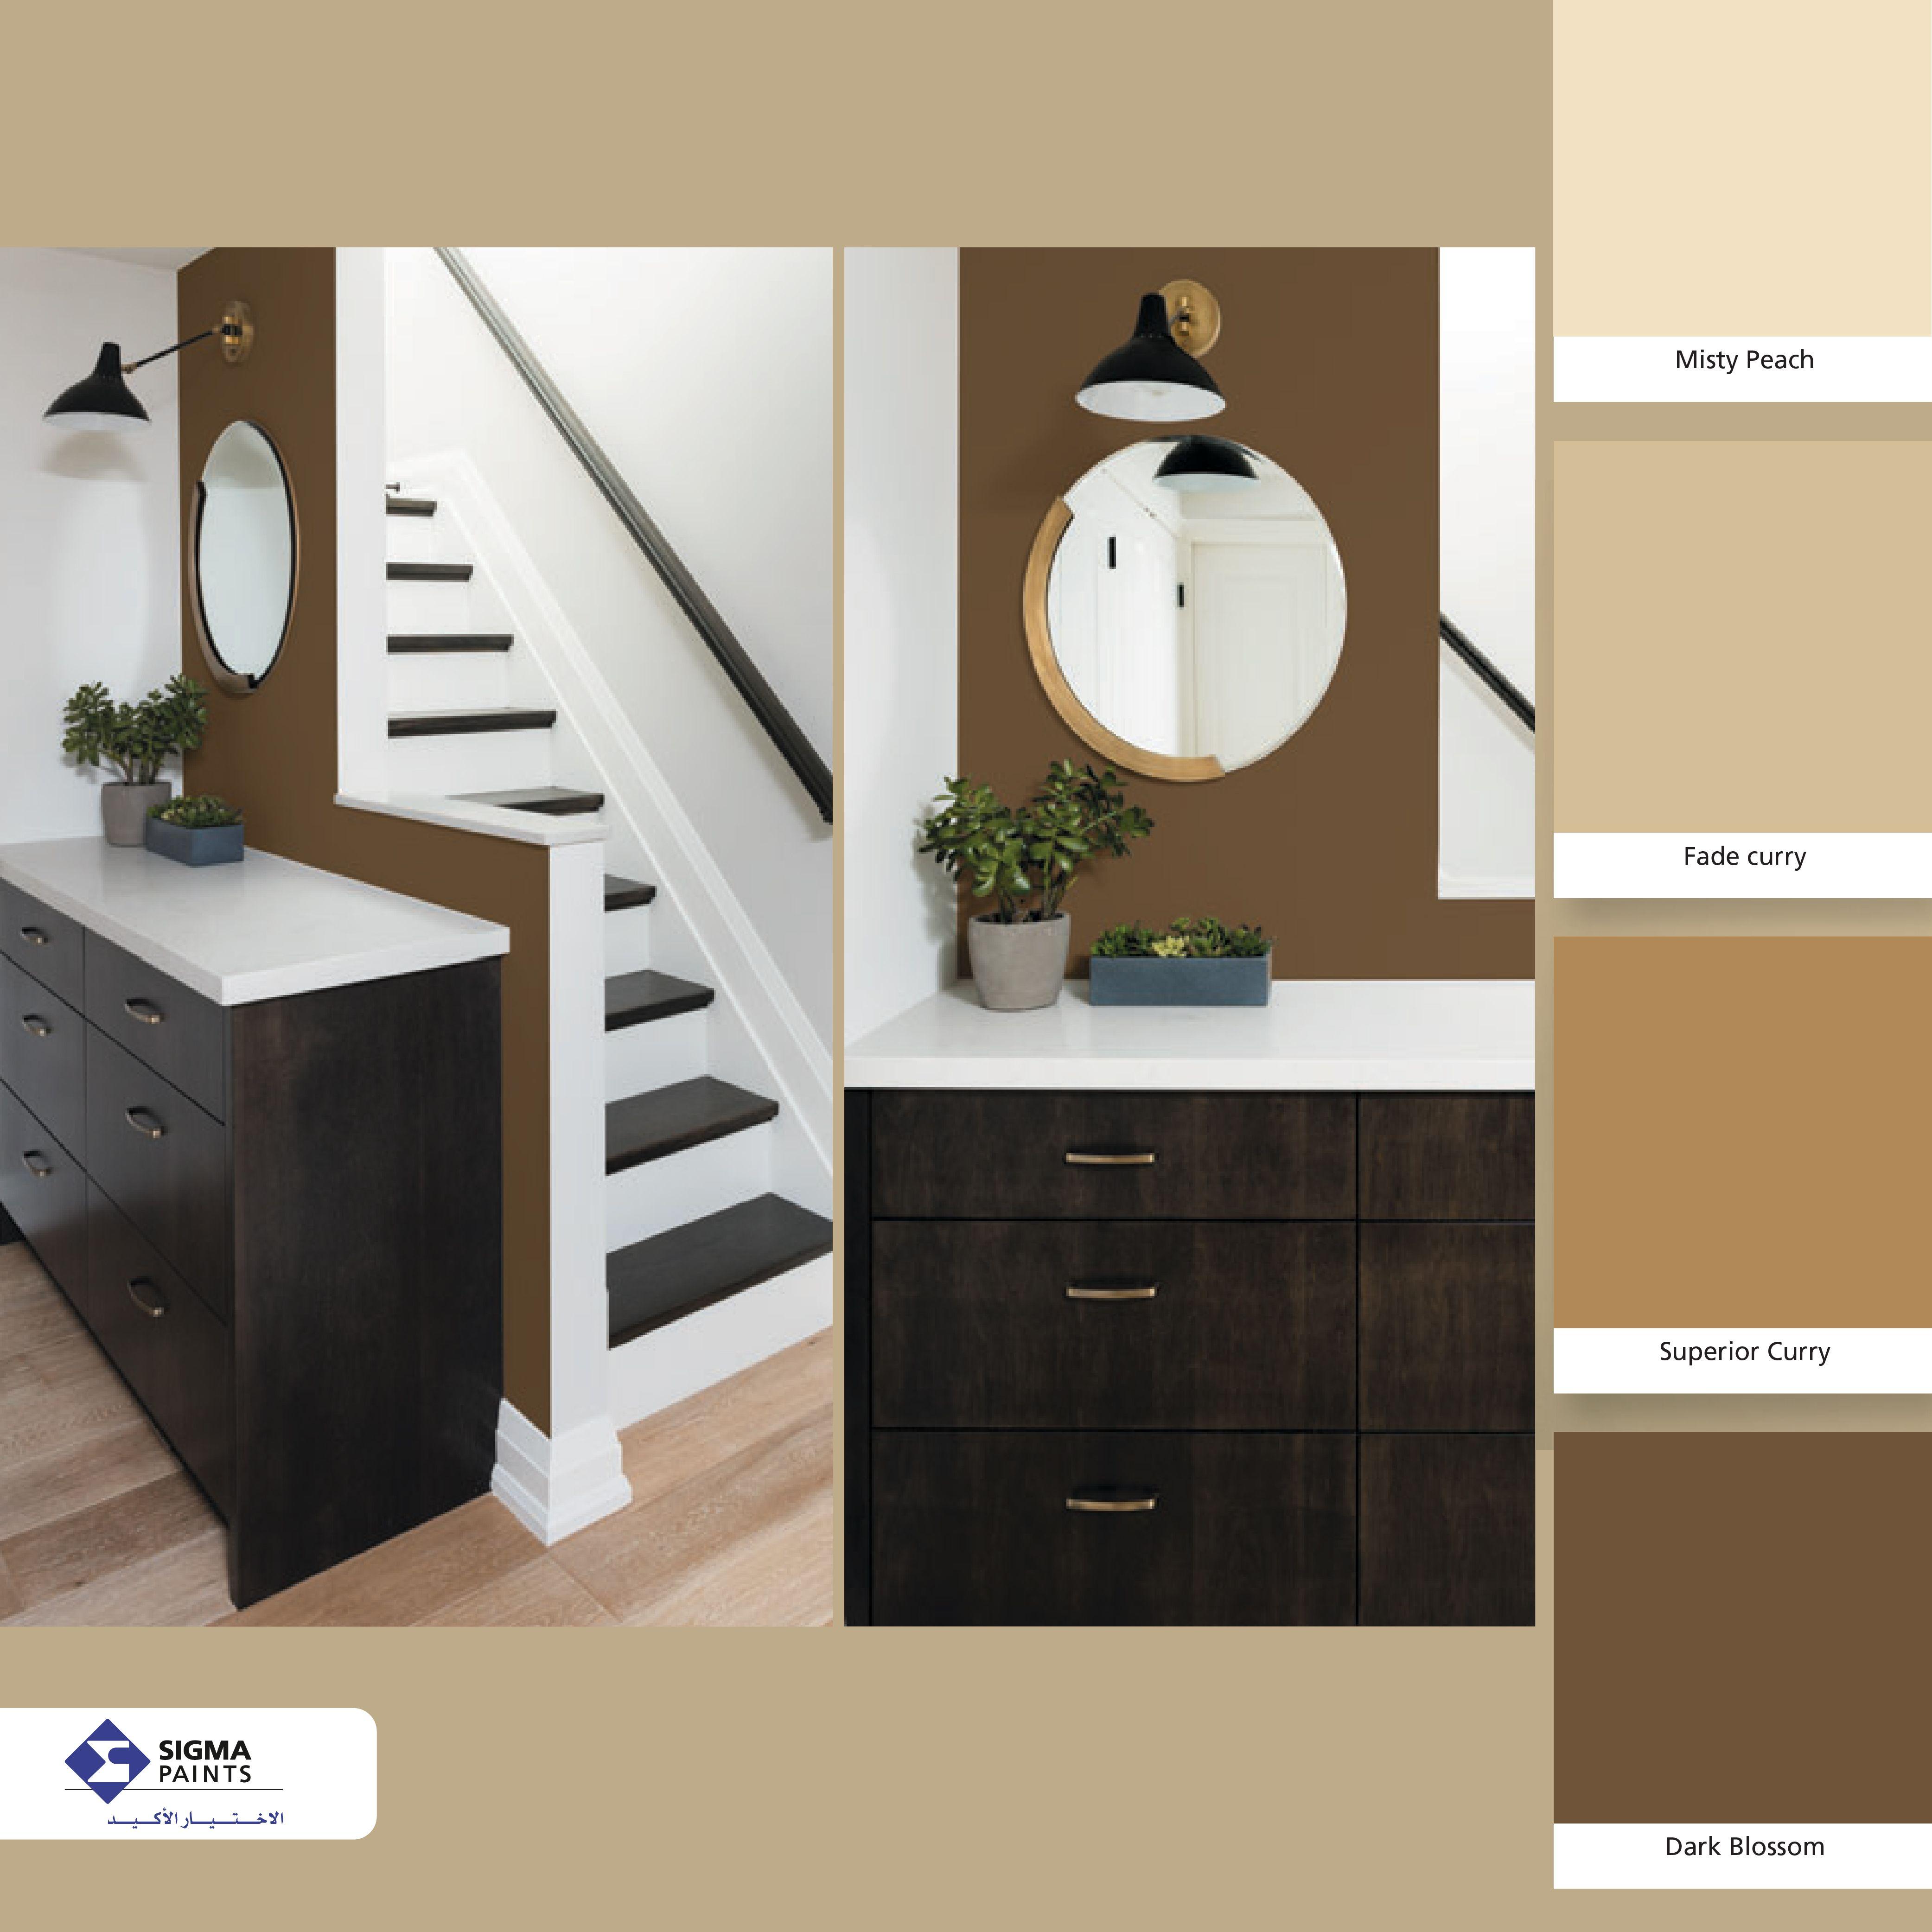 استقبلو ضيوفكم بإطلالات مميزة في العيد مع الوان سيجما من مجموعة لايف ستايل House Design Bathroom Mirror Design